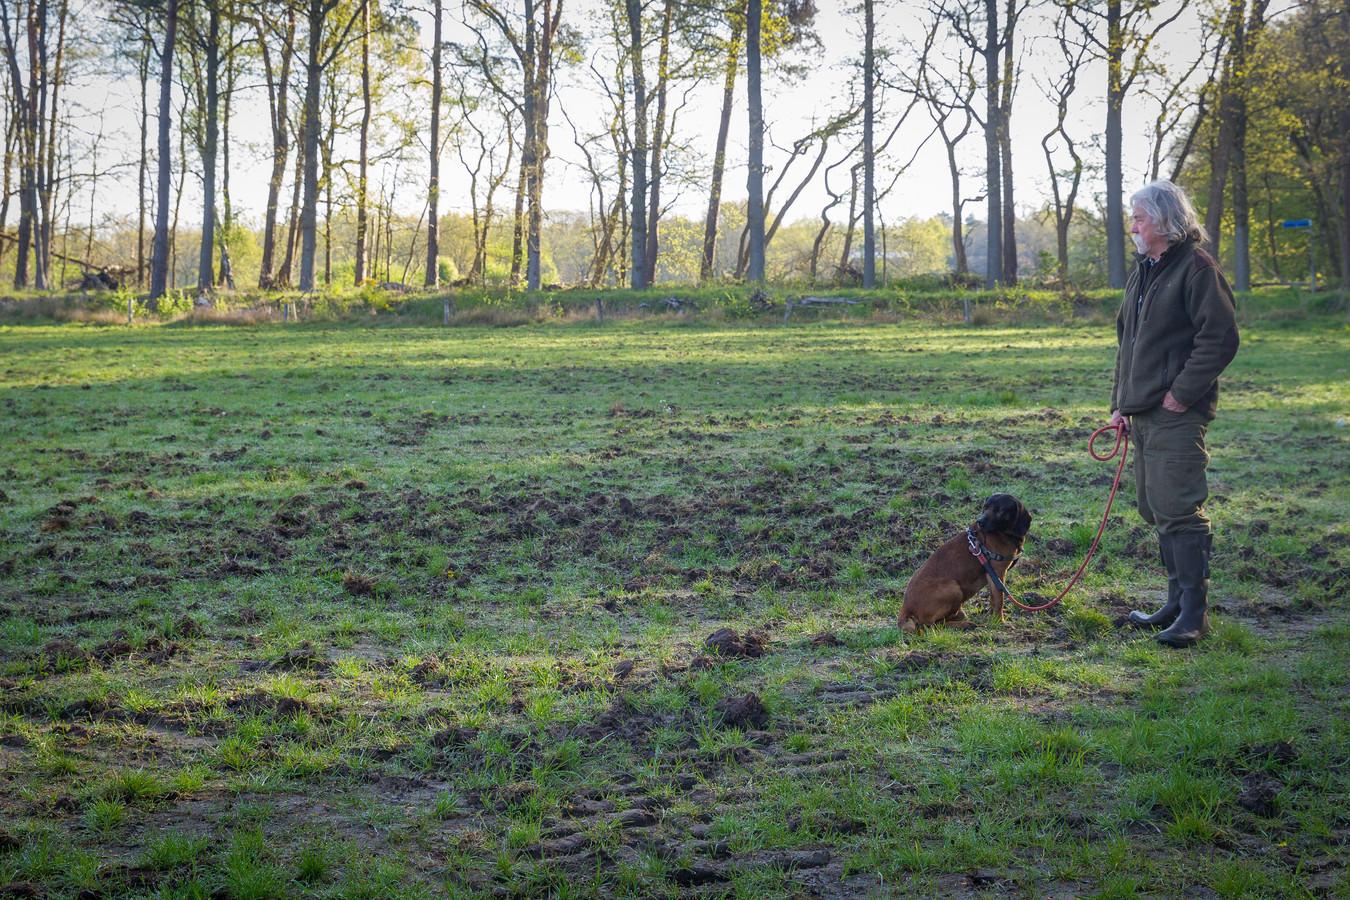 Jager Jan van de Kerkhof uit Valkenswaard laat zien waar de wilde zwijnen het liefst in de modder wroeten.